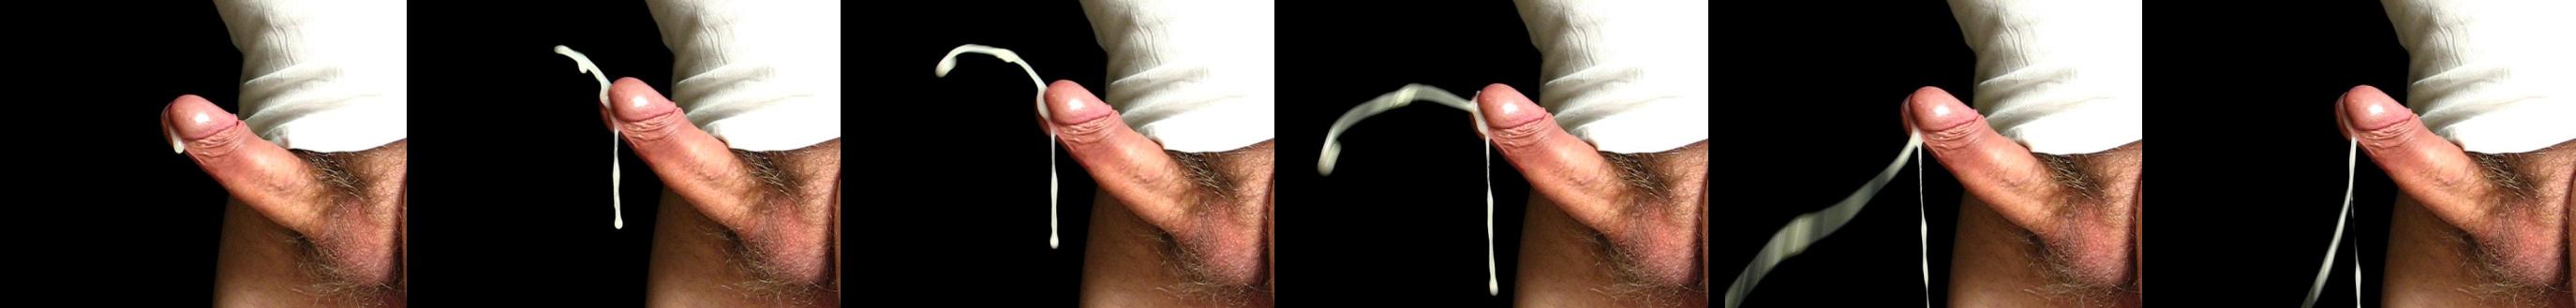 Massage Laholm Sexiga Underkläder Plus Size